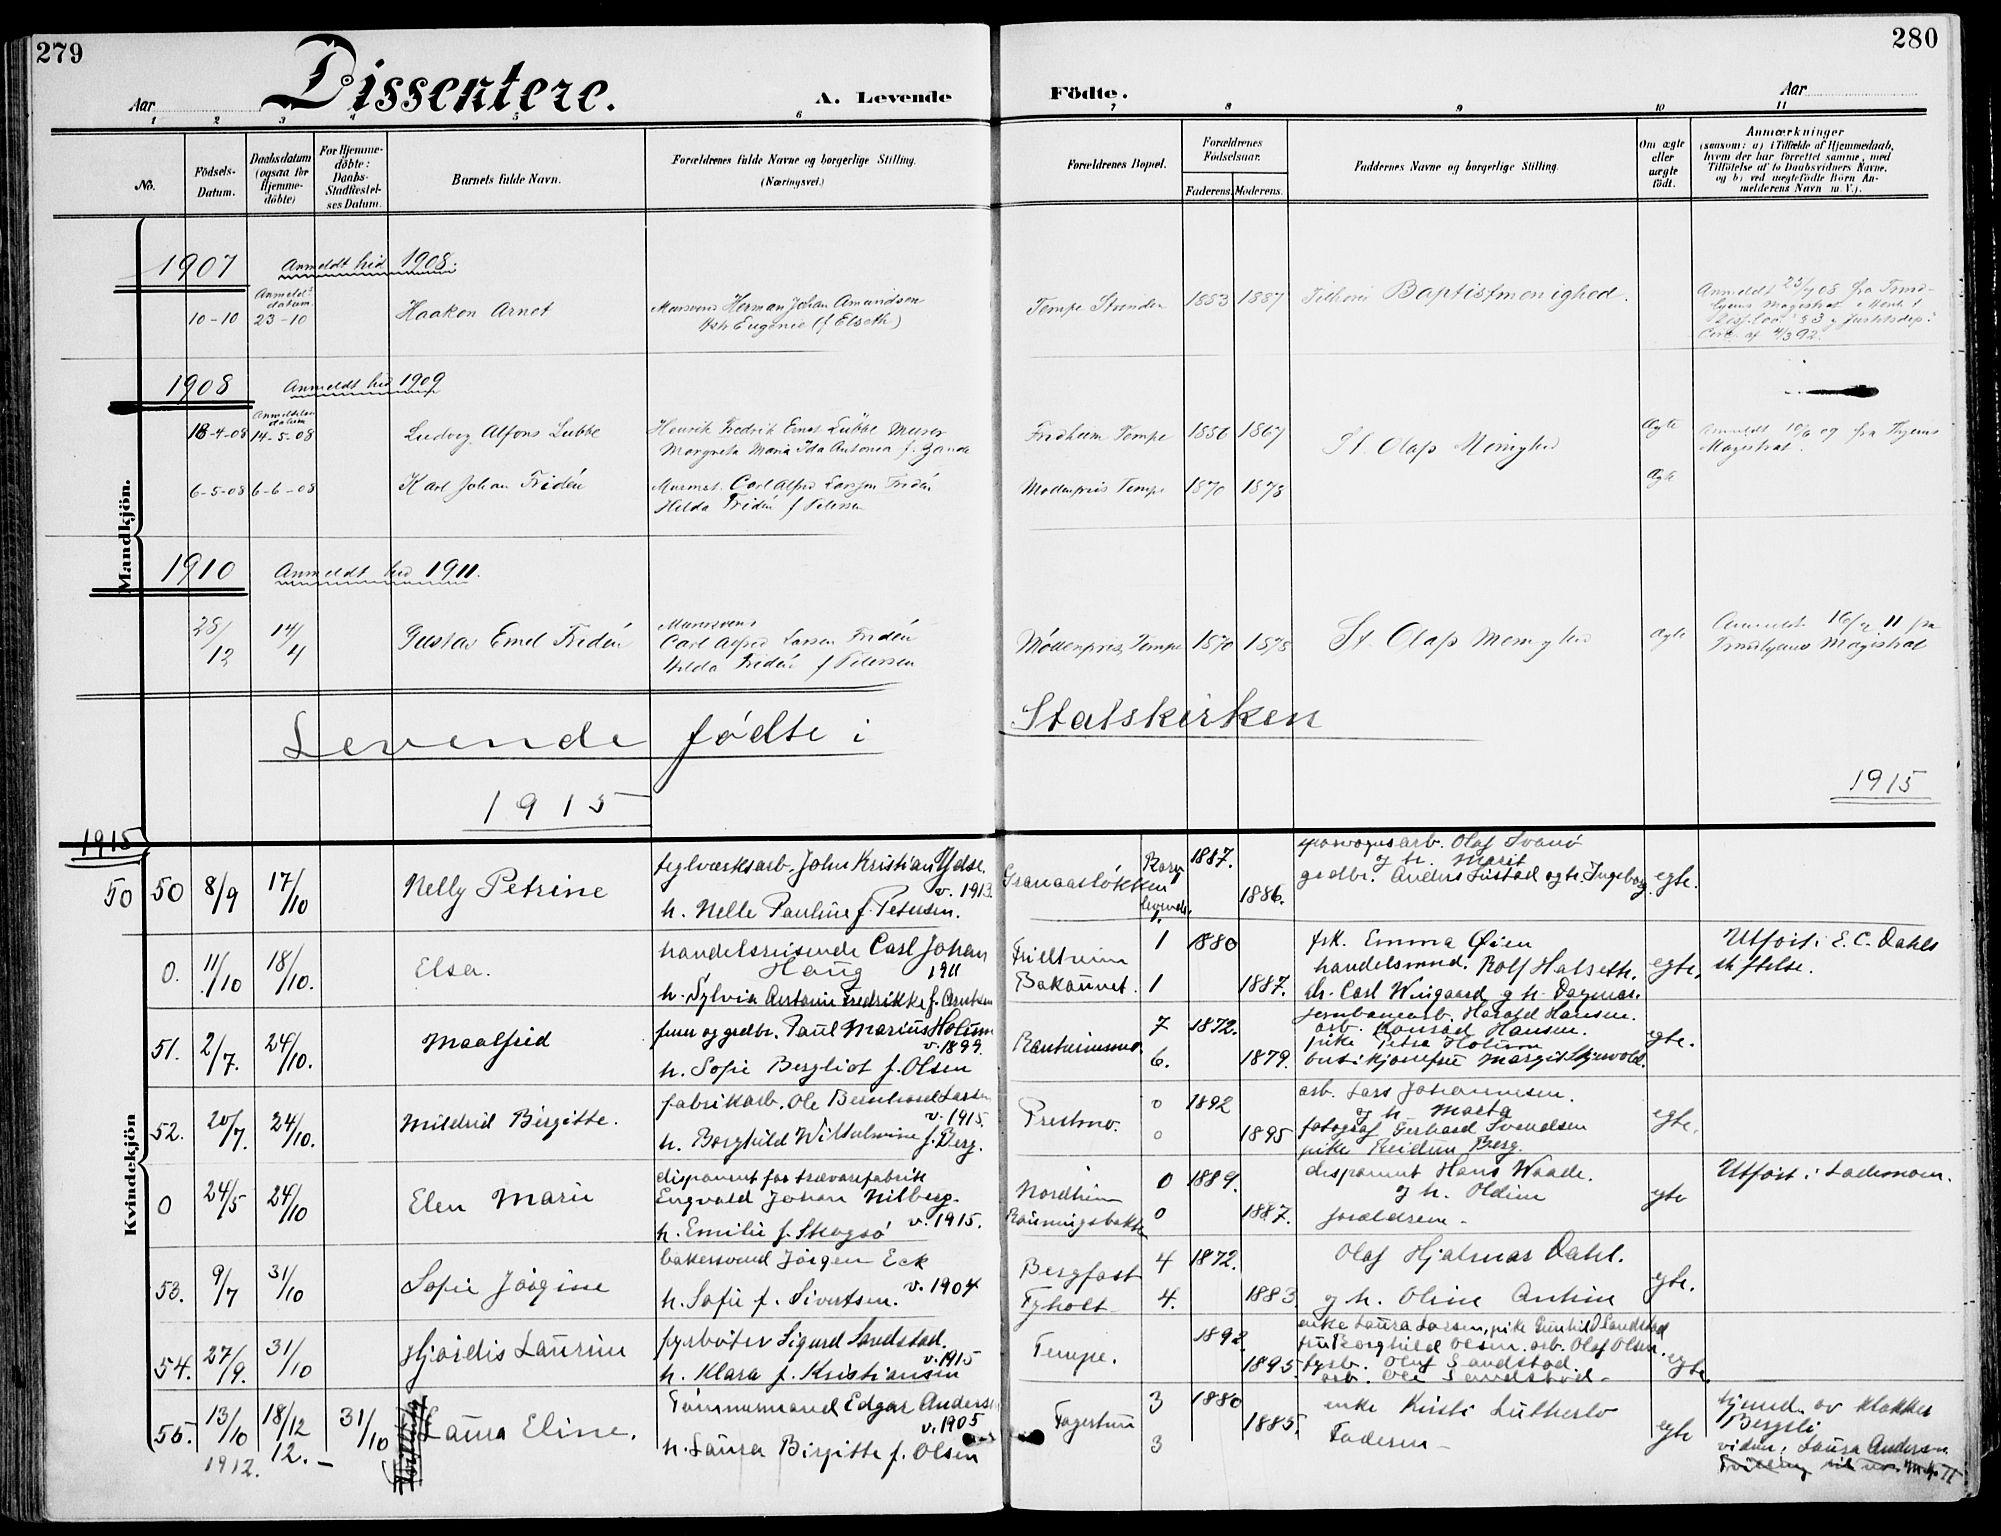 SAT, Ministerialprotokoller, klokkerbøker og fødselsregistre - Sør-Trøndelag, 607/L0320: Ministerialbok nr. 607A04, 1907-1915, s. 279-280